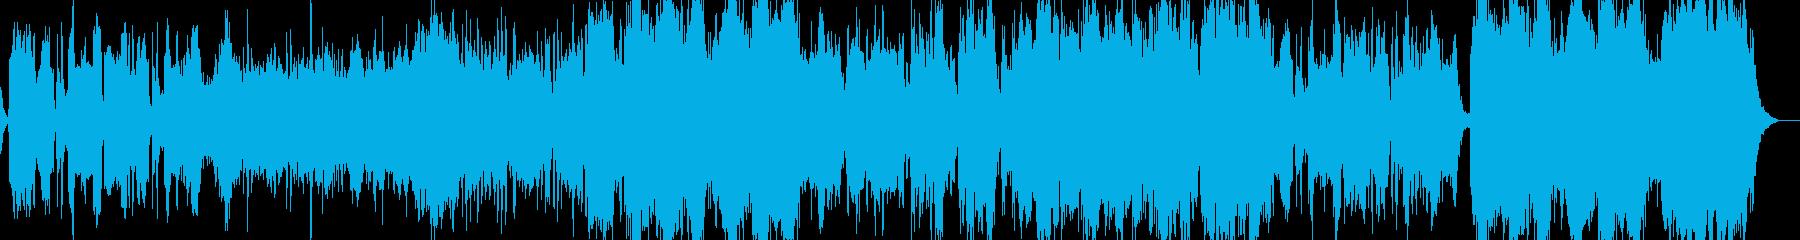 壮大で感動的な和風オーケストラBGMの再生済みの波形